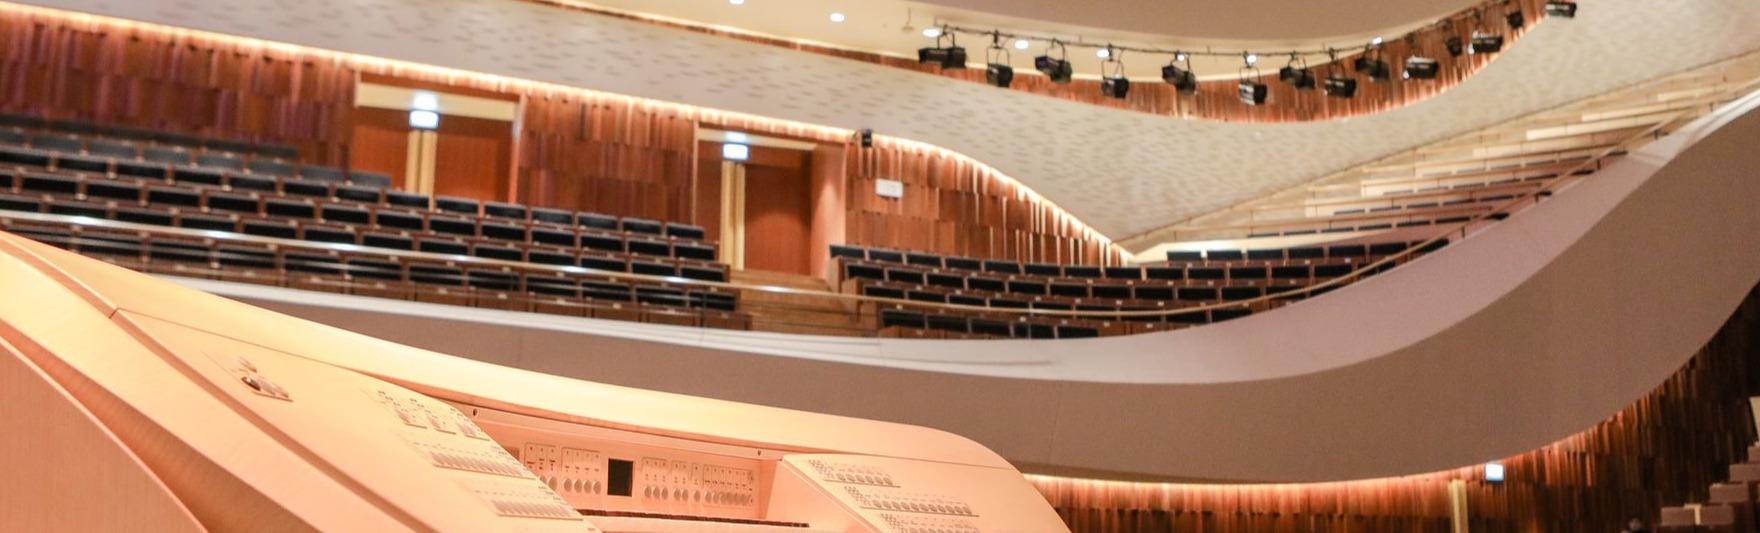 Российский национальный оркестр, дирижер – В. Урюпин, солист – И. Почекин